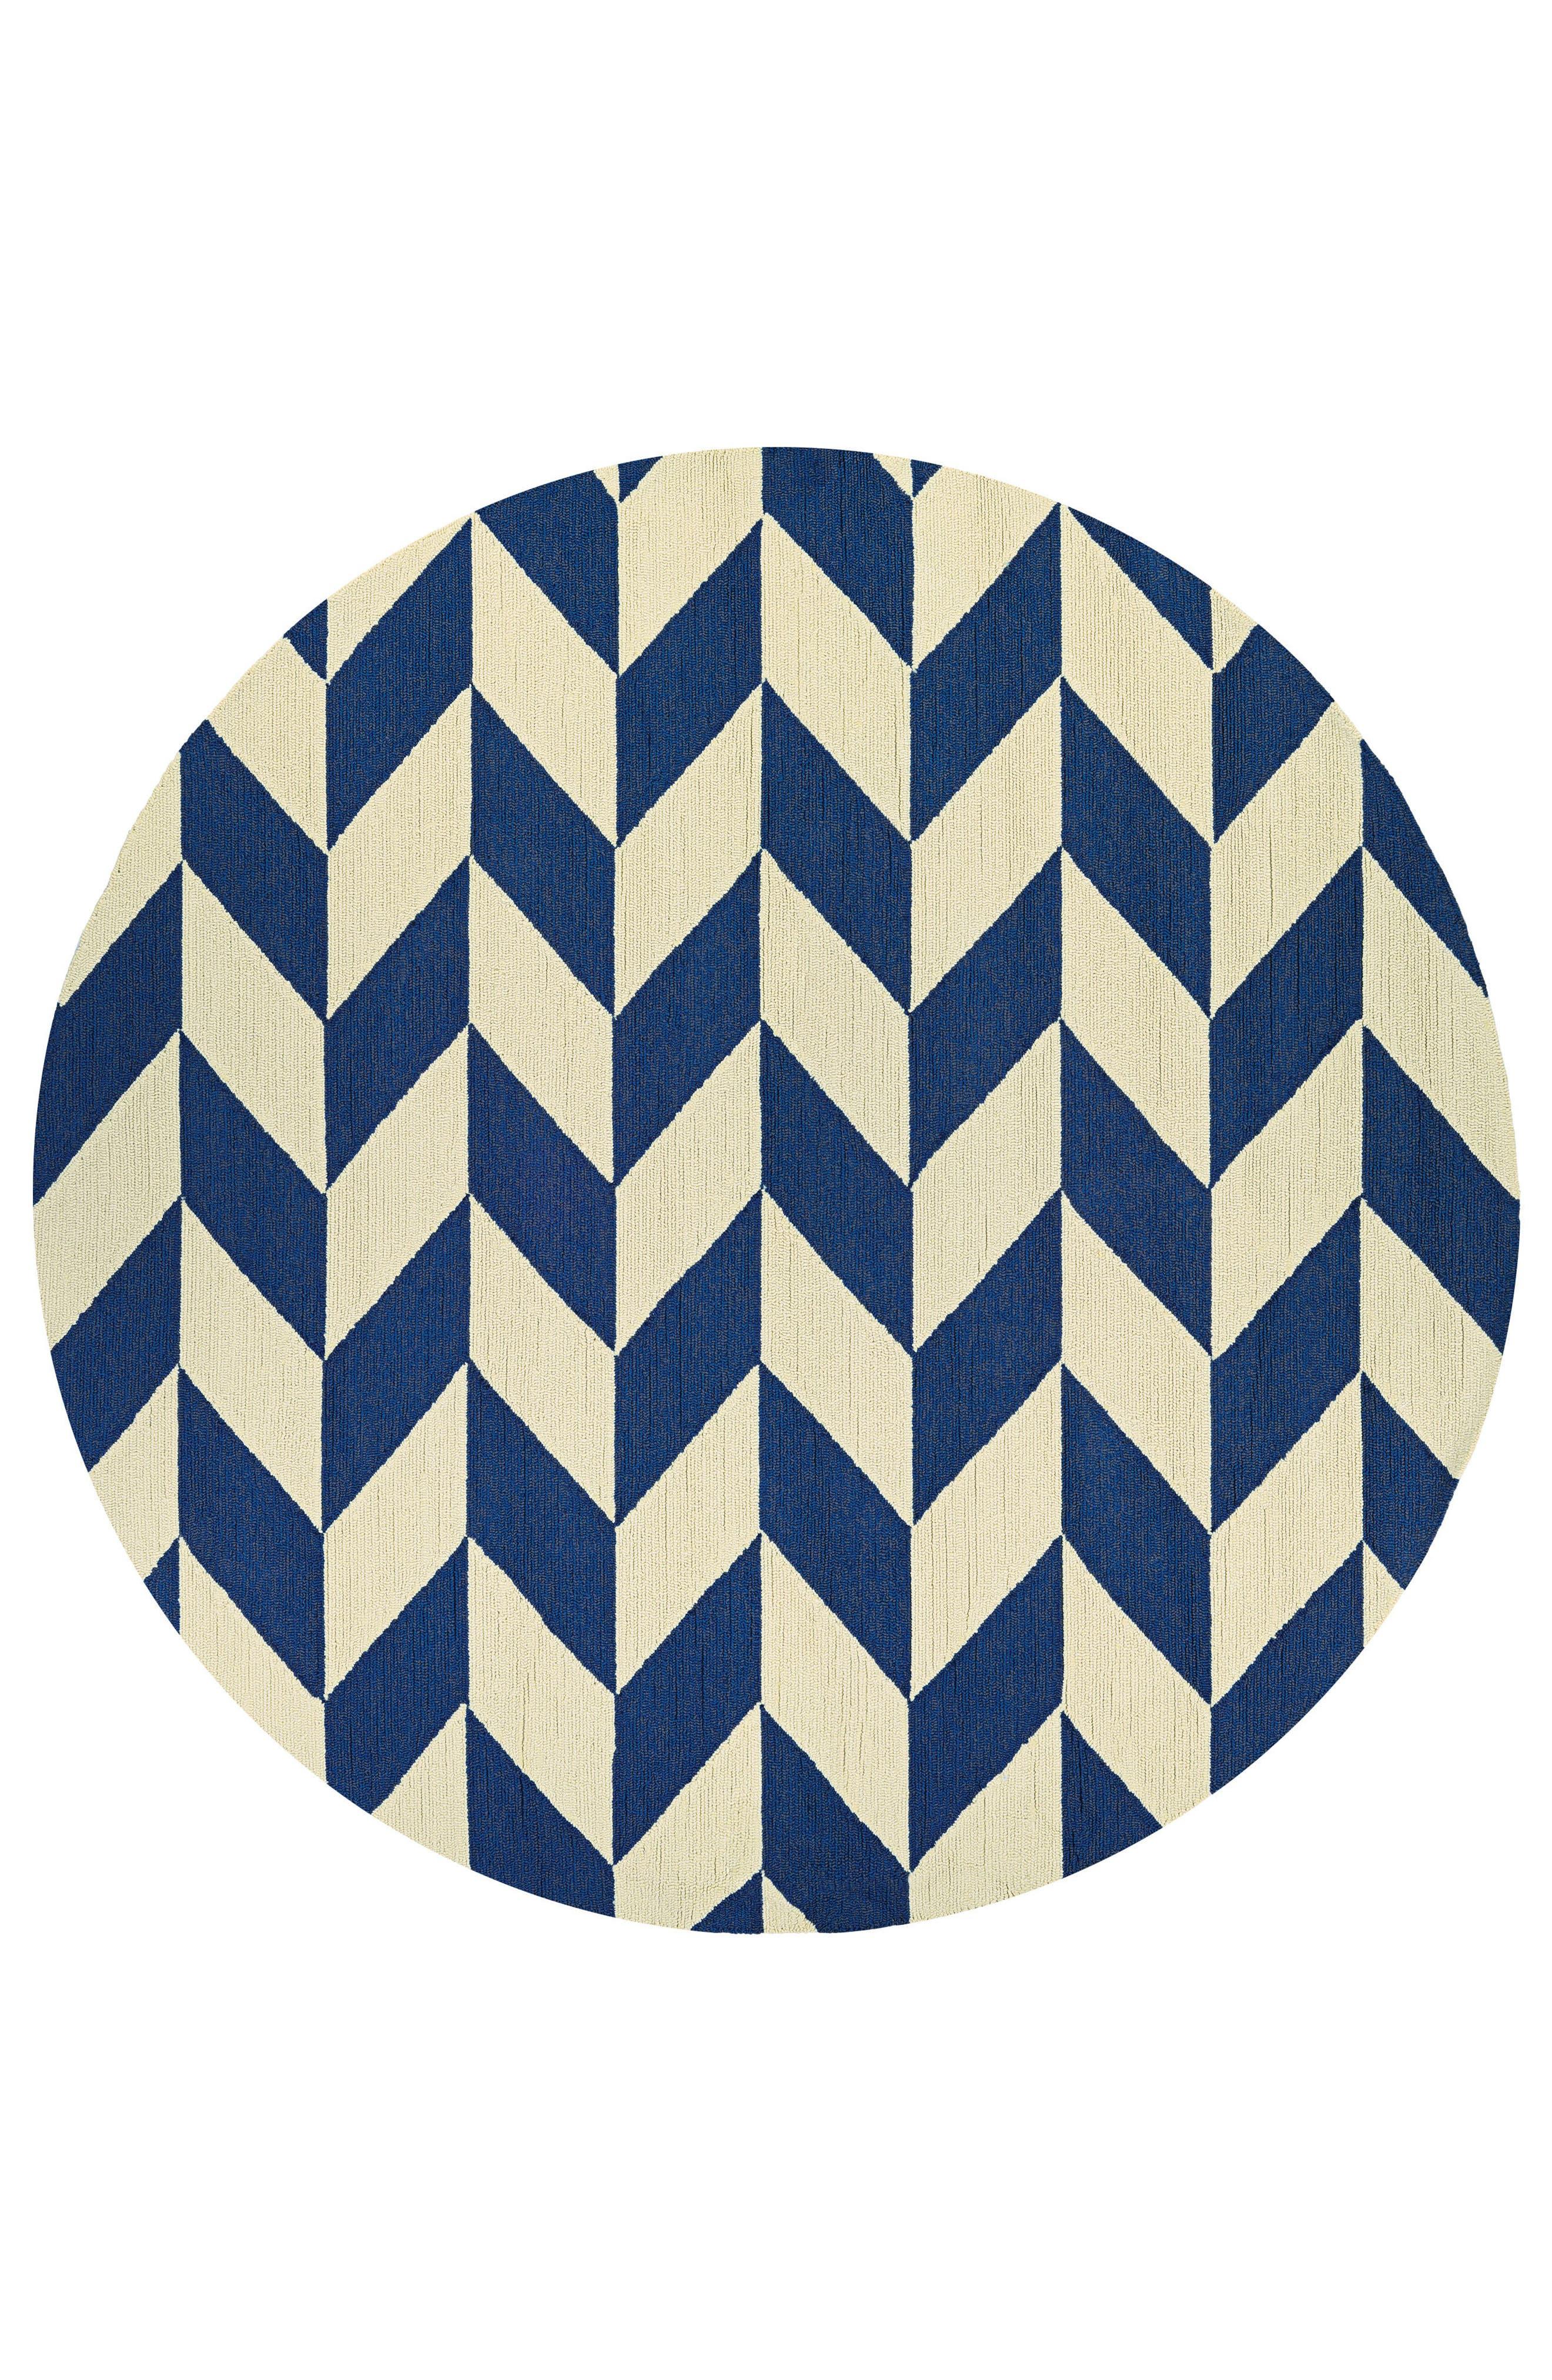 Herringbone Indoor/Outdoor Round Rug,                         Main,                         color, Navy/ Ivory